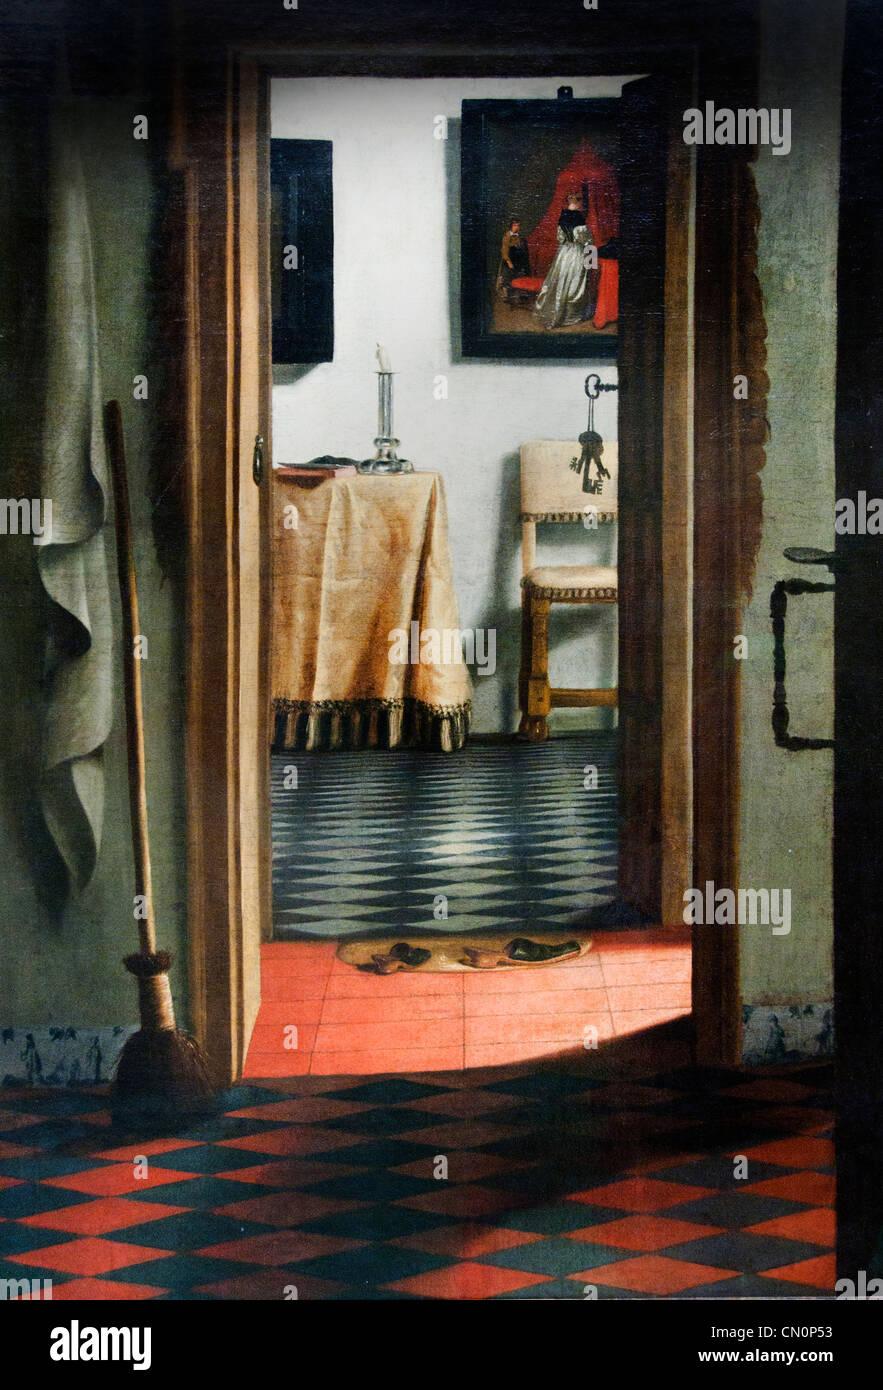 https://c8.alamy.com/comp/CN0P53/vue-d-interieur-ou-les-pantoufles-view-or-inside-slippers-by-samuel-CN0P53.jpg